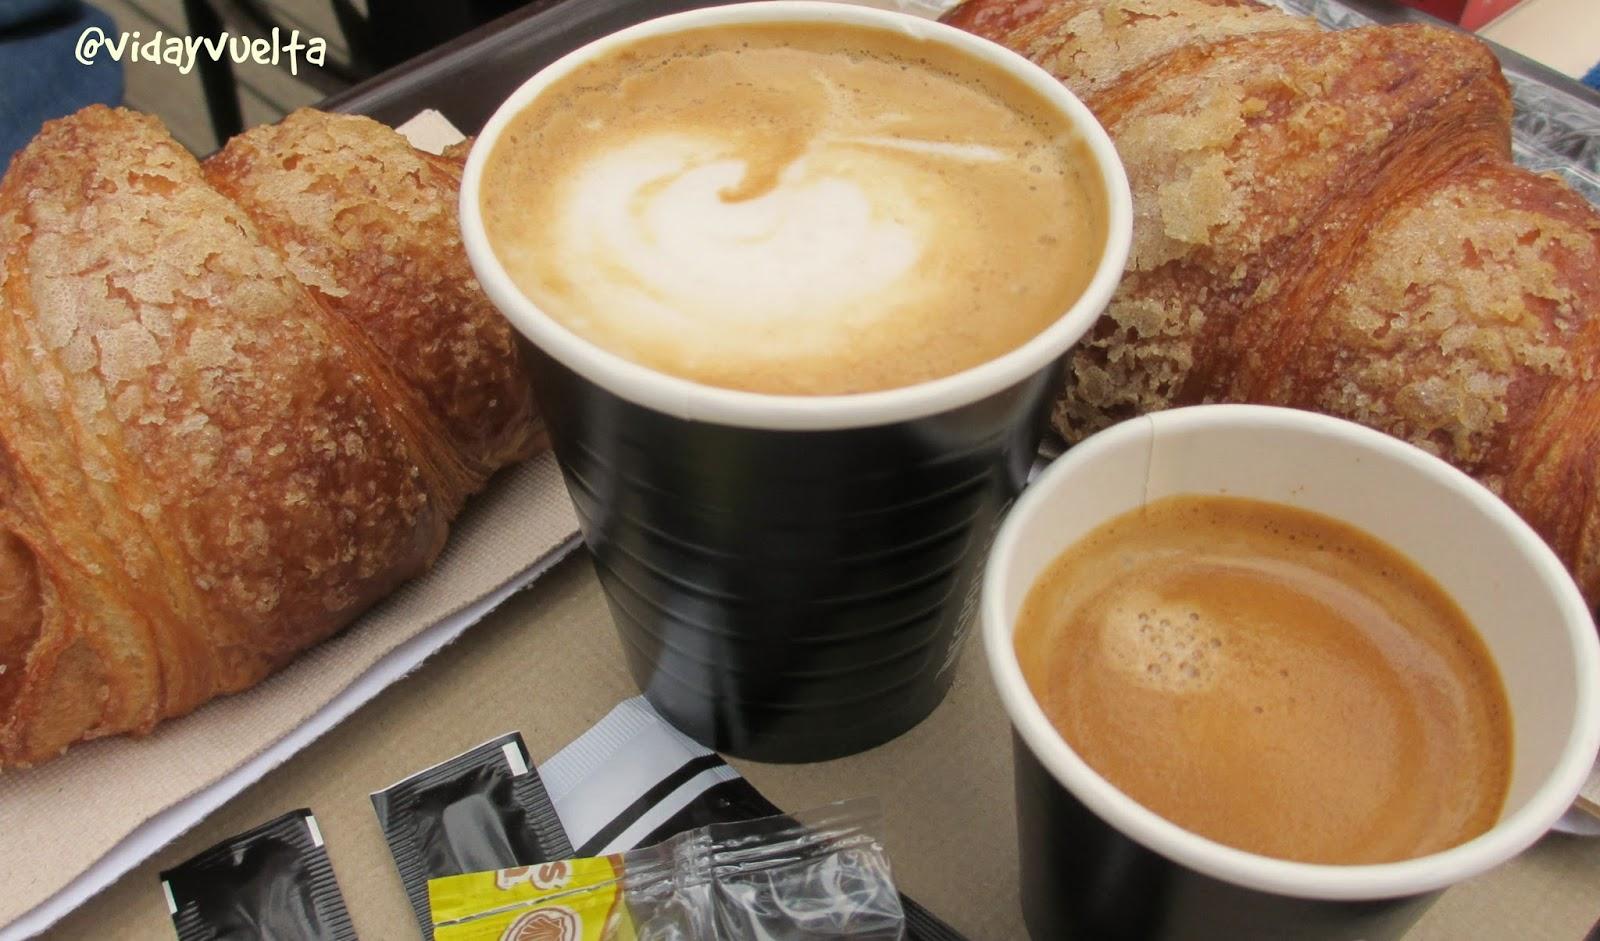 Resultado de imagen para cafe en vasos de plastico